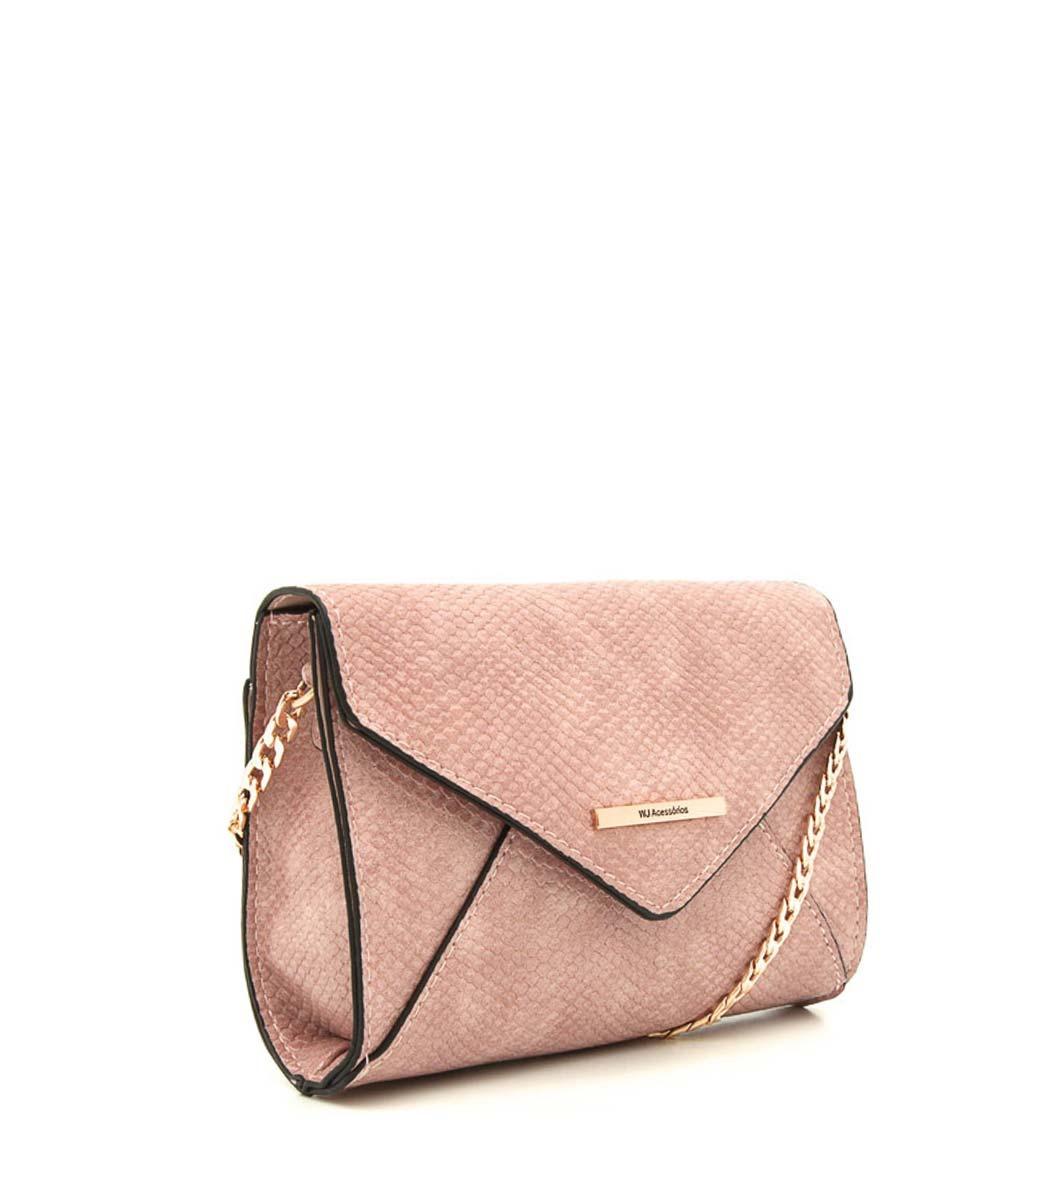 26d6f1400 Bolsa Transversal Wj Acessórios Rosa - R$ 106,72 em Mercado Livre